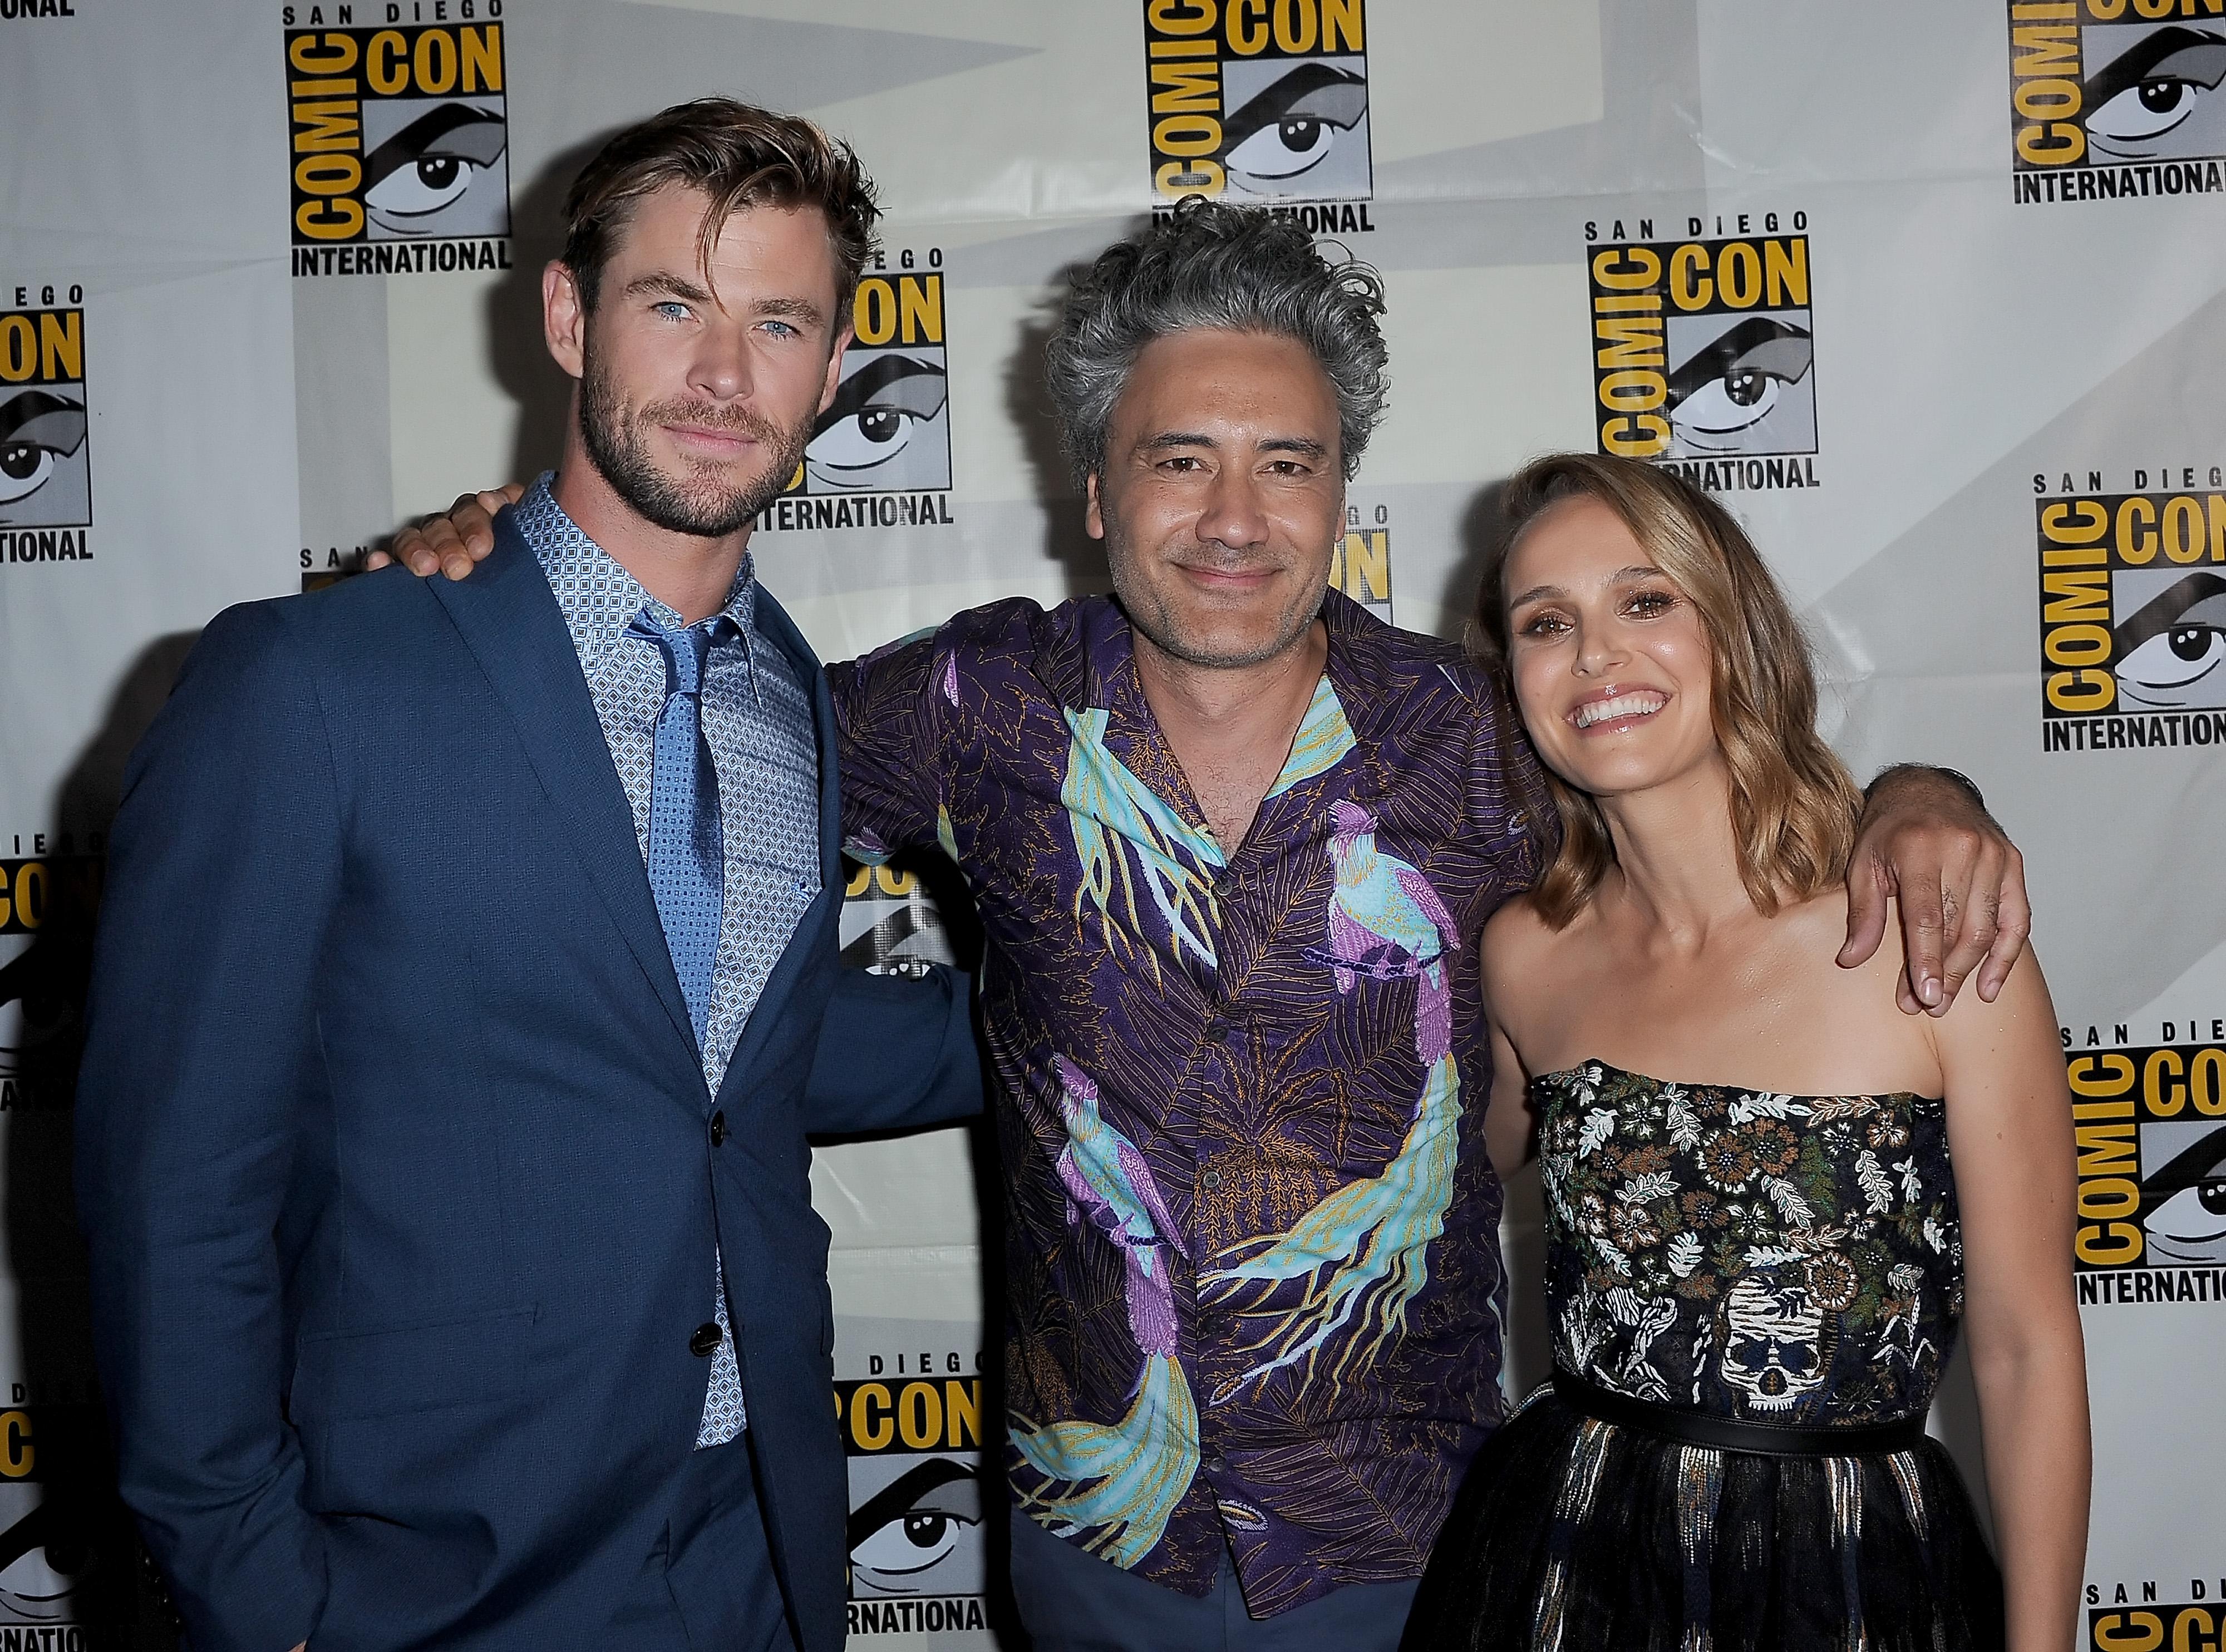 Natalie Portman, Taika Waititi, and Chris Hemsworth